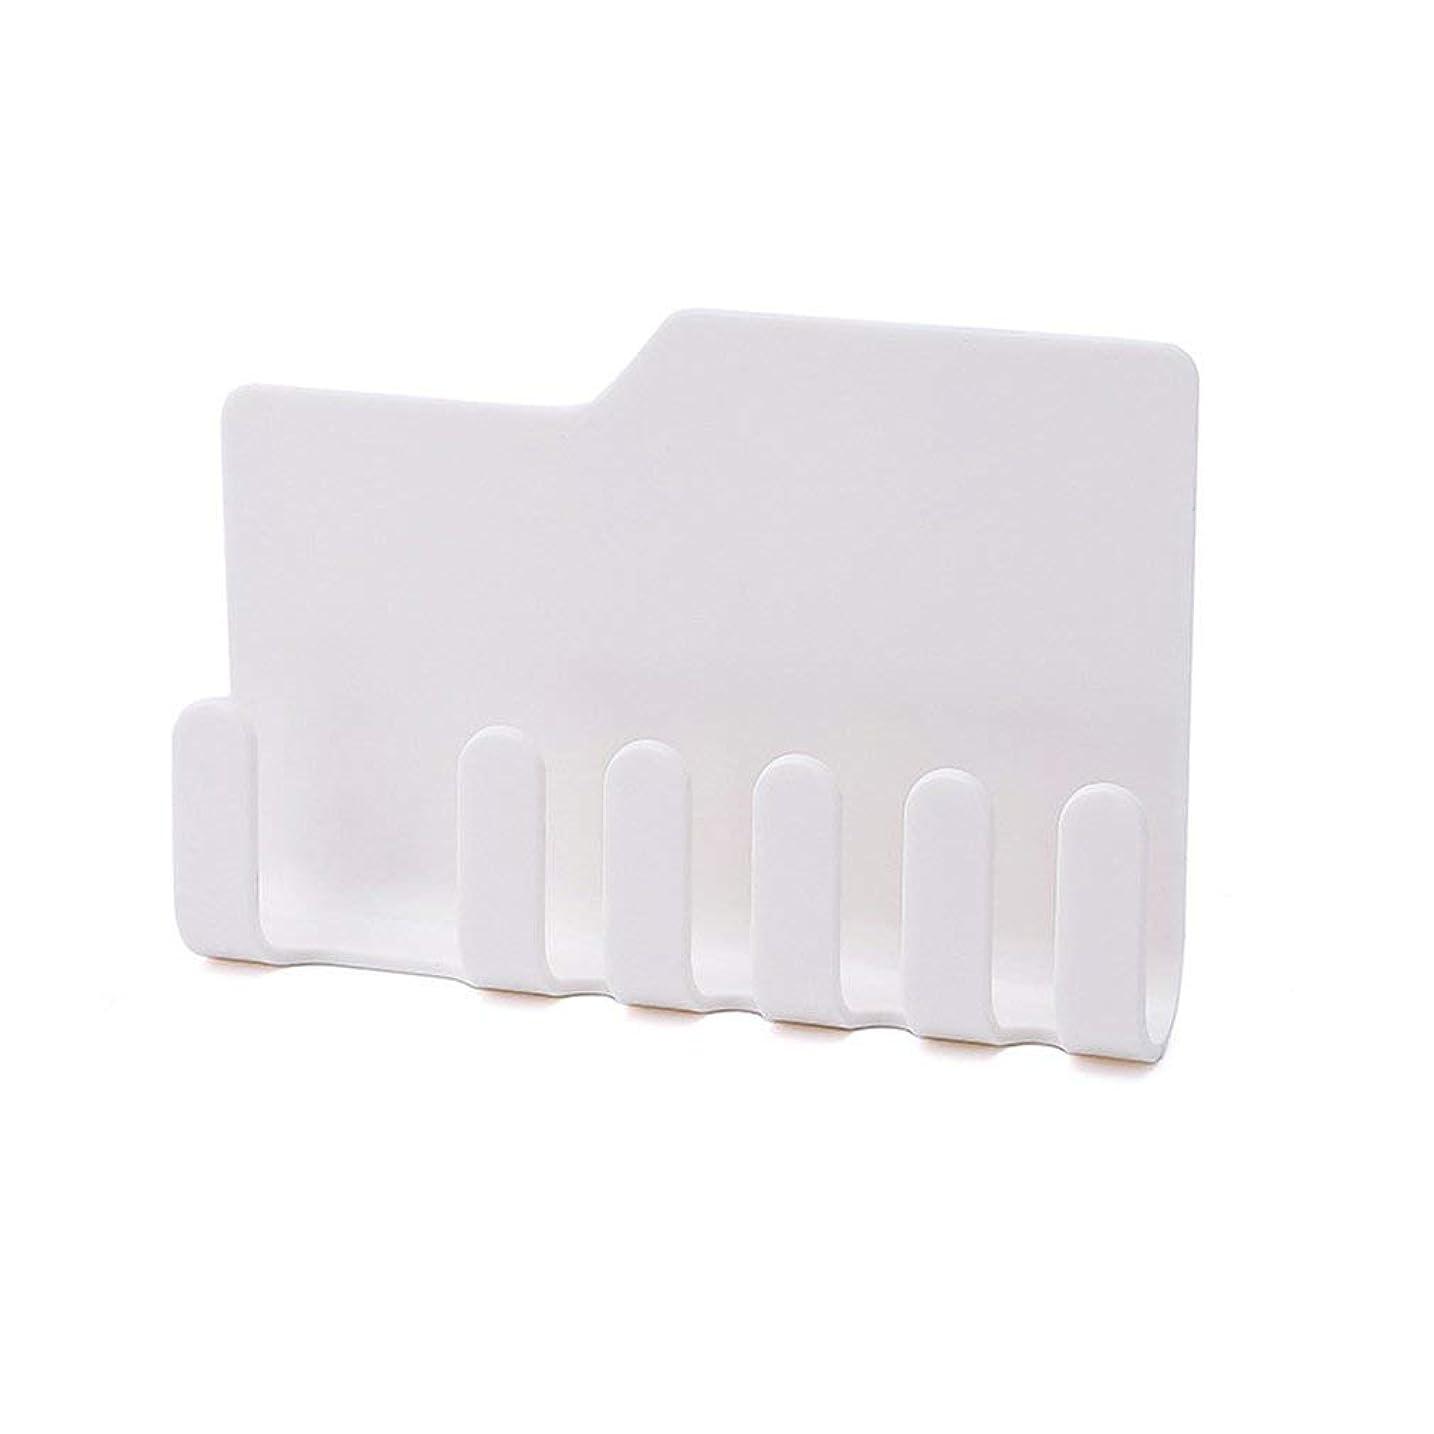 カジュアル移植遮る壁はルーム傘ステッカーウォールリビングマルチフレームをハンギングステッカー歯ブラシホルダー歯磨き粉をマウント